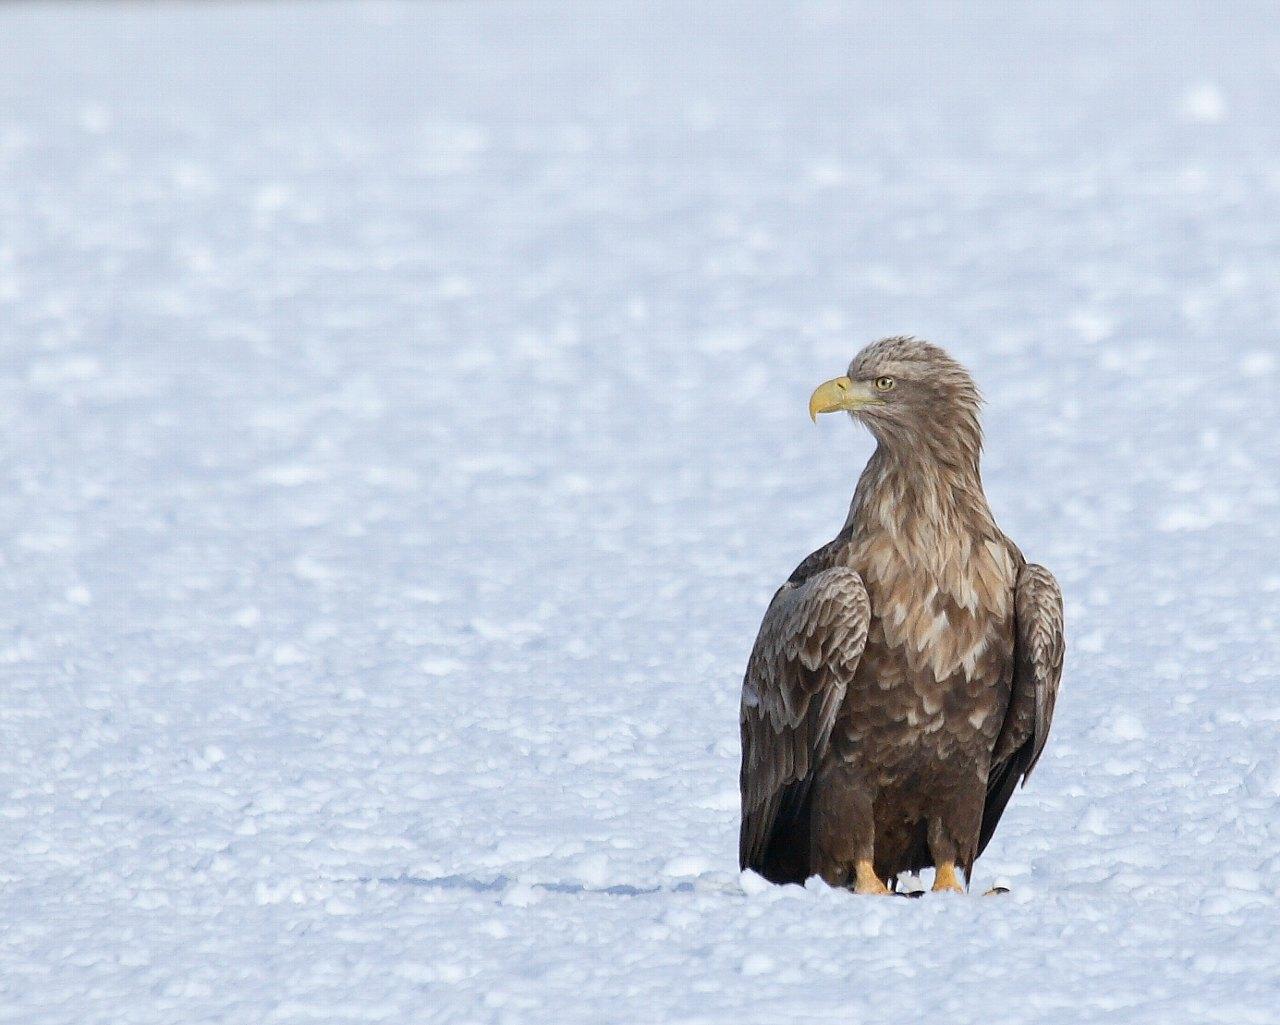 雪原上のオジロワシ(北の国の美しい冬の情景)_f0105570_22341311.jpg